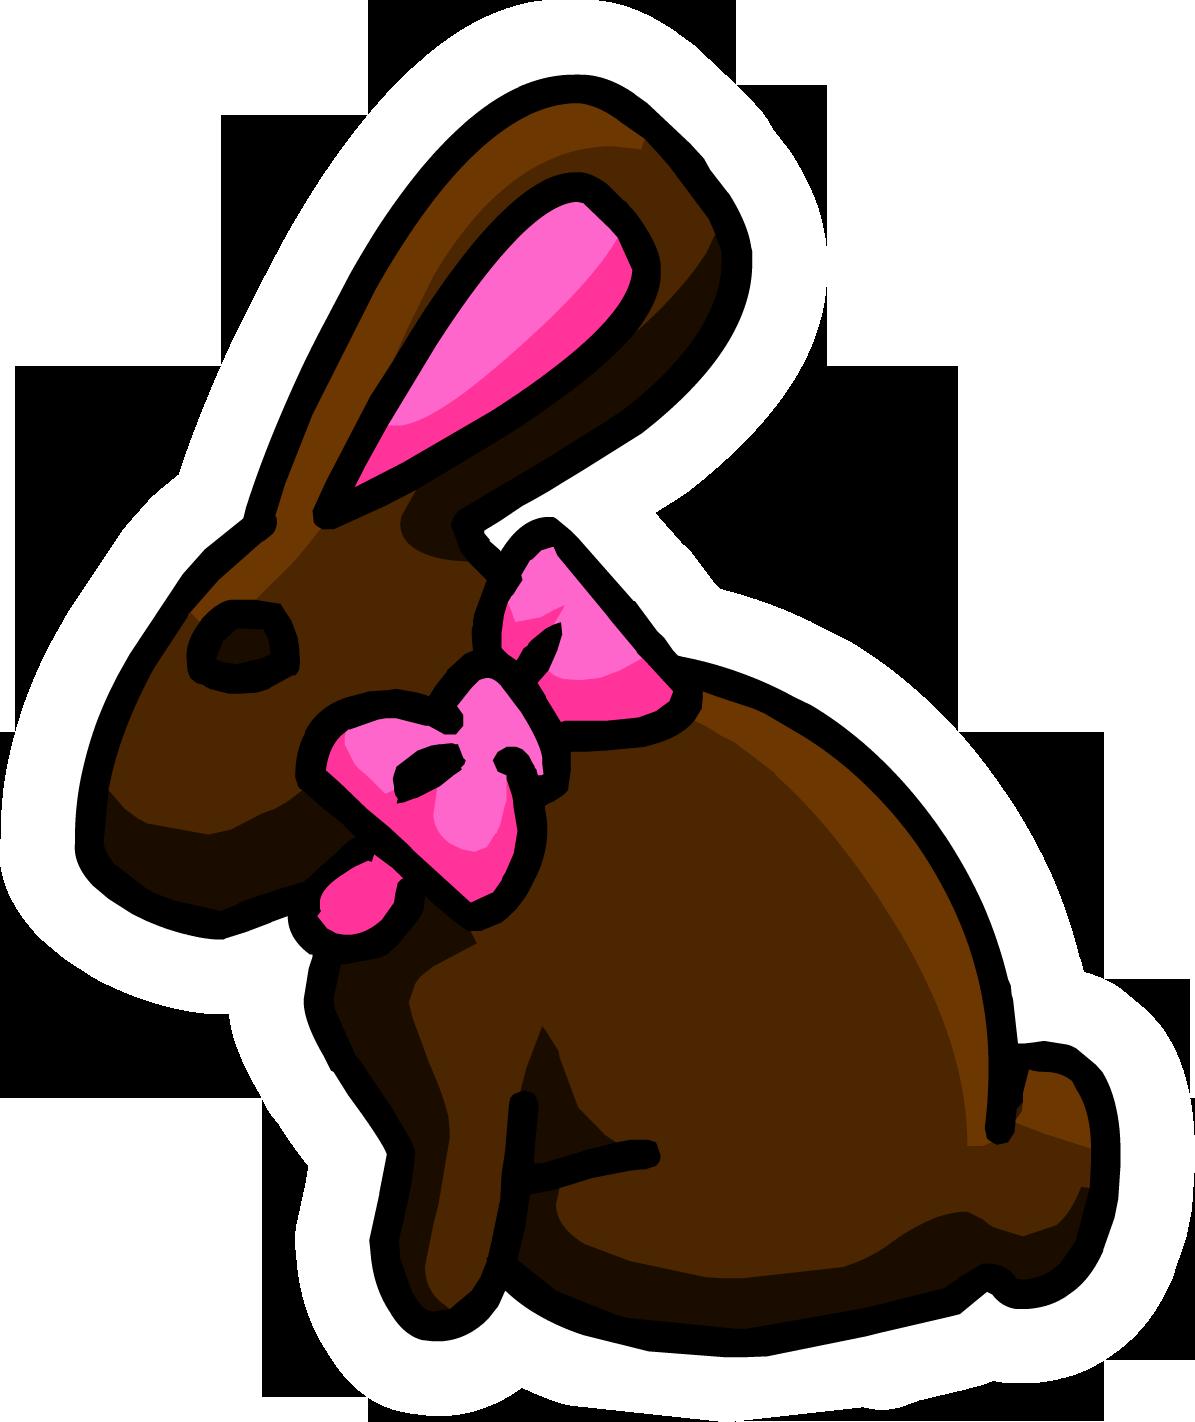 chocolate bunny pin club penguin wiki fandom powered by wikia